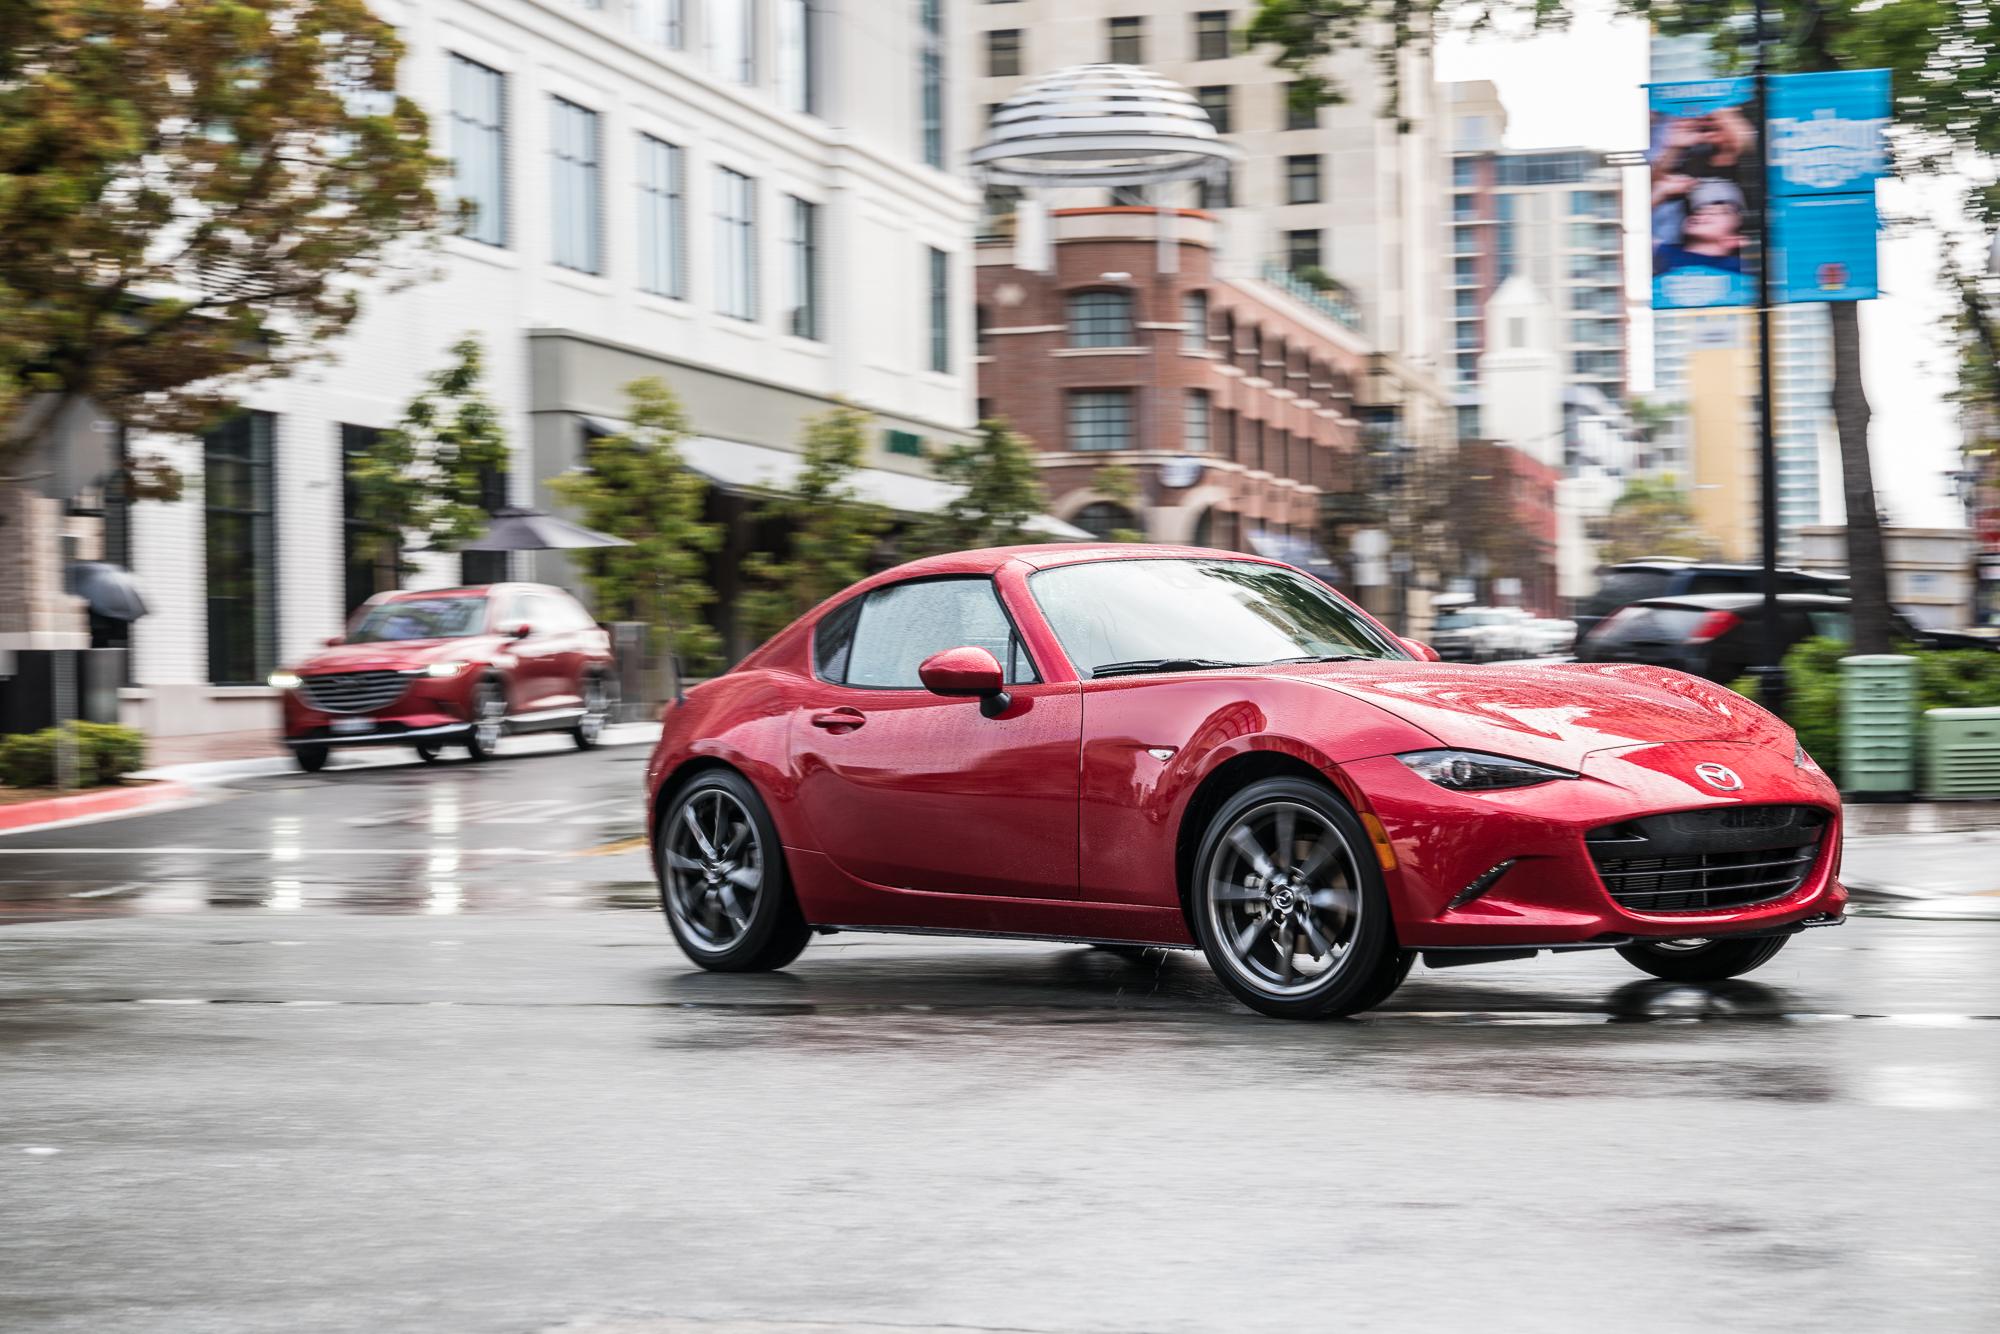 【视频】2017纽约国际车展Mazda隆重推出CX5与MX5